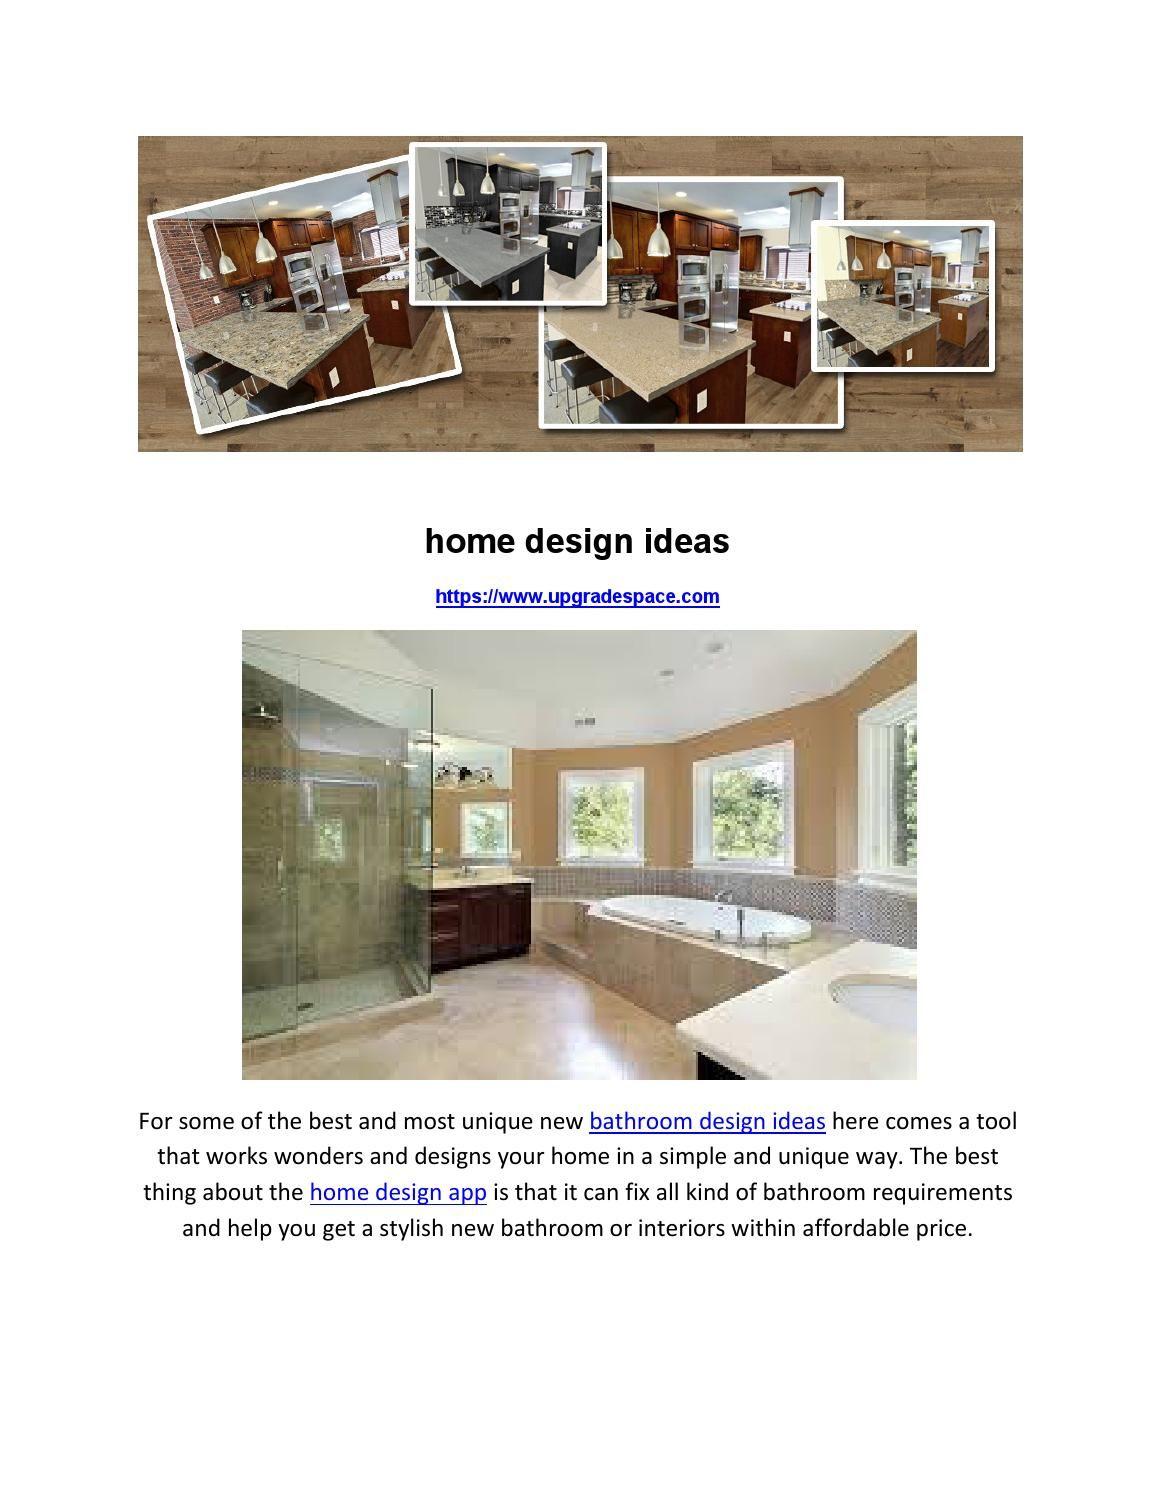 Online home design bathroom design software online home design app design apps